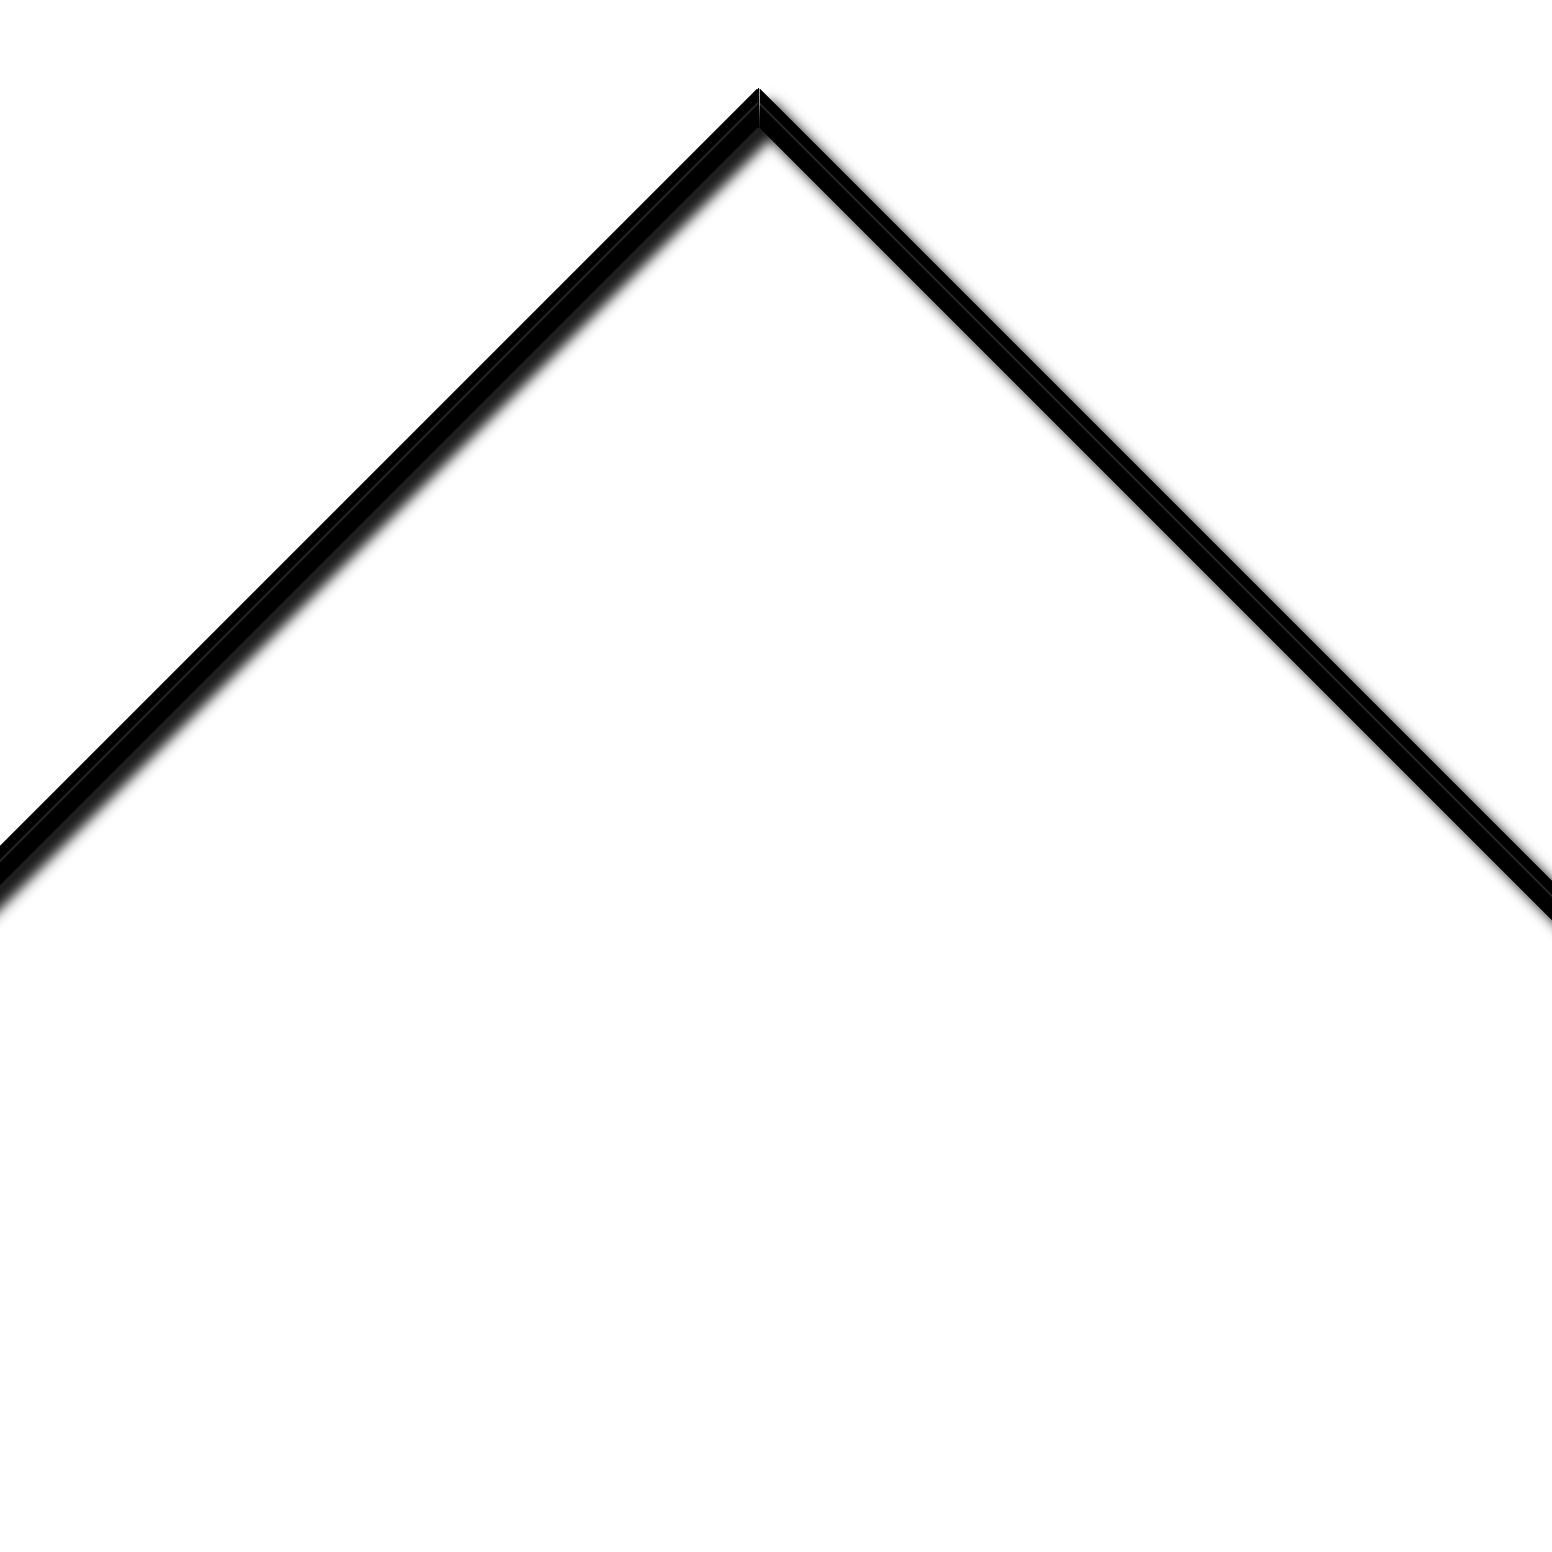 Baguette aluminium profil plat largeur 7mm, couleur noir satiné ,(le sujet qui sera glissé dans le cadre sera en retrait de 9mm de la face du cadre assurant un effet très contemporain) mise en place du sujet rapide et simple: assemblage du cadre par double équerre à vis (livré avec le système d'accrochage qui se glisse dans le profilé) encadrement non assemblé,  livré avec son sachet d'accessoires